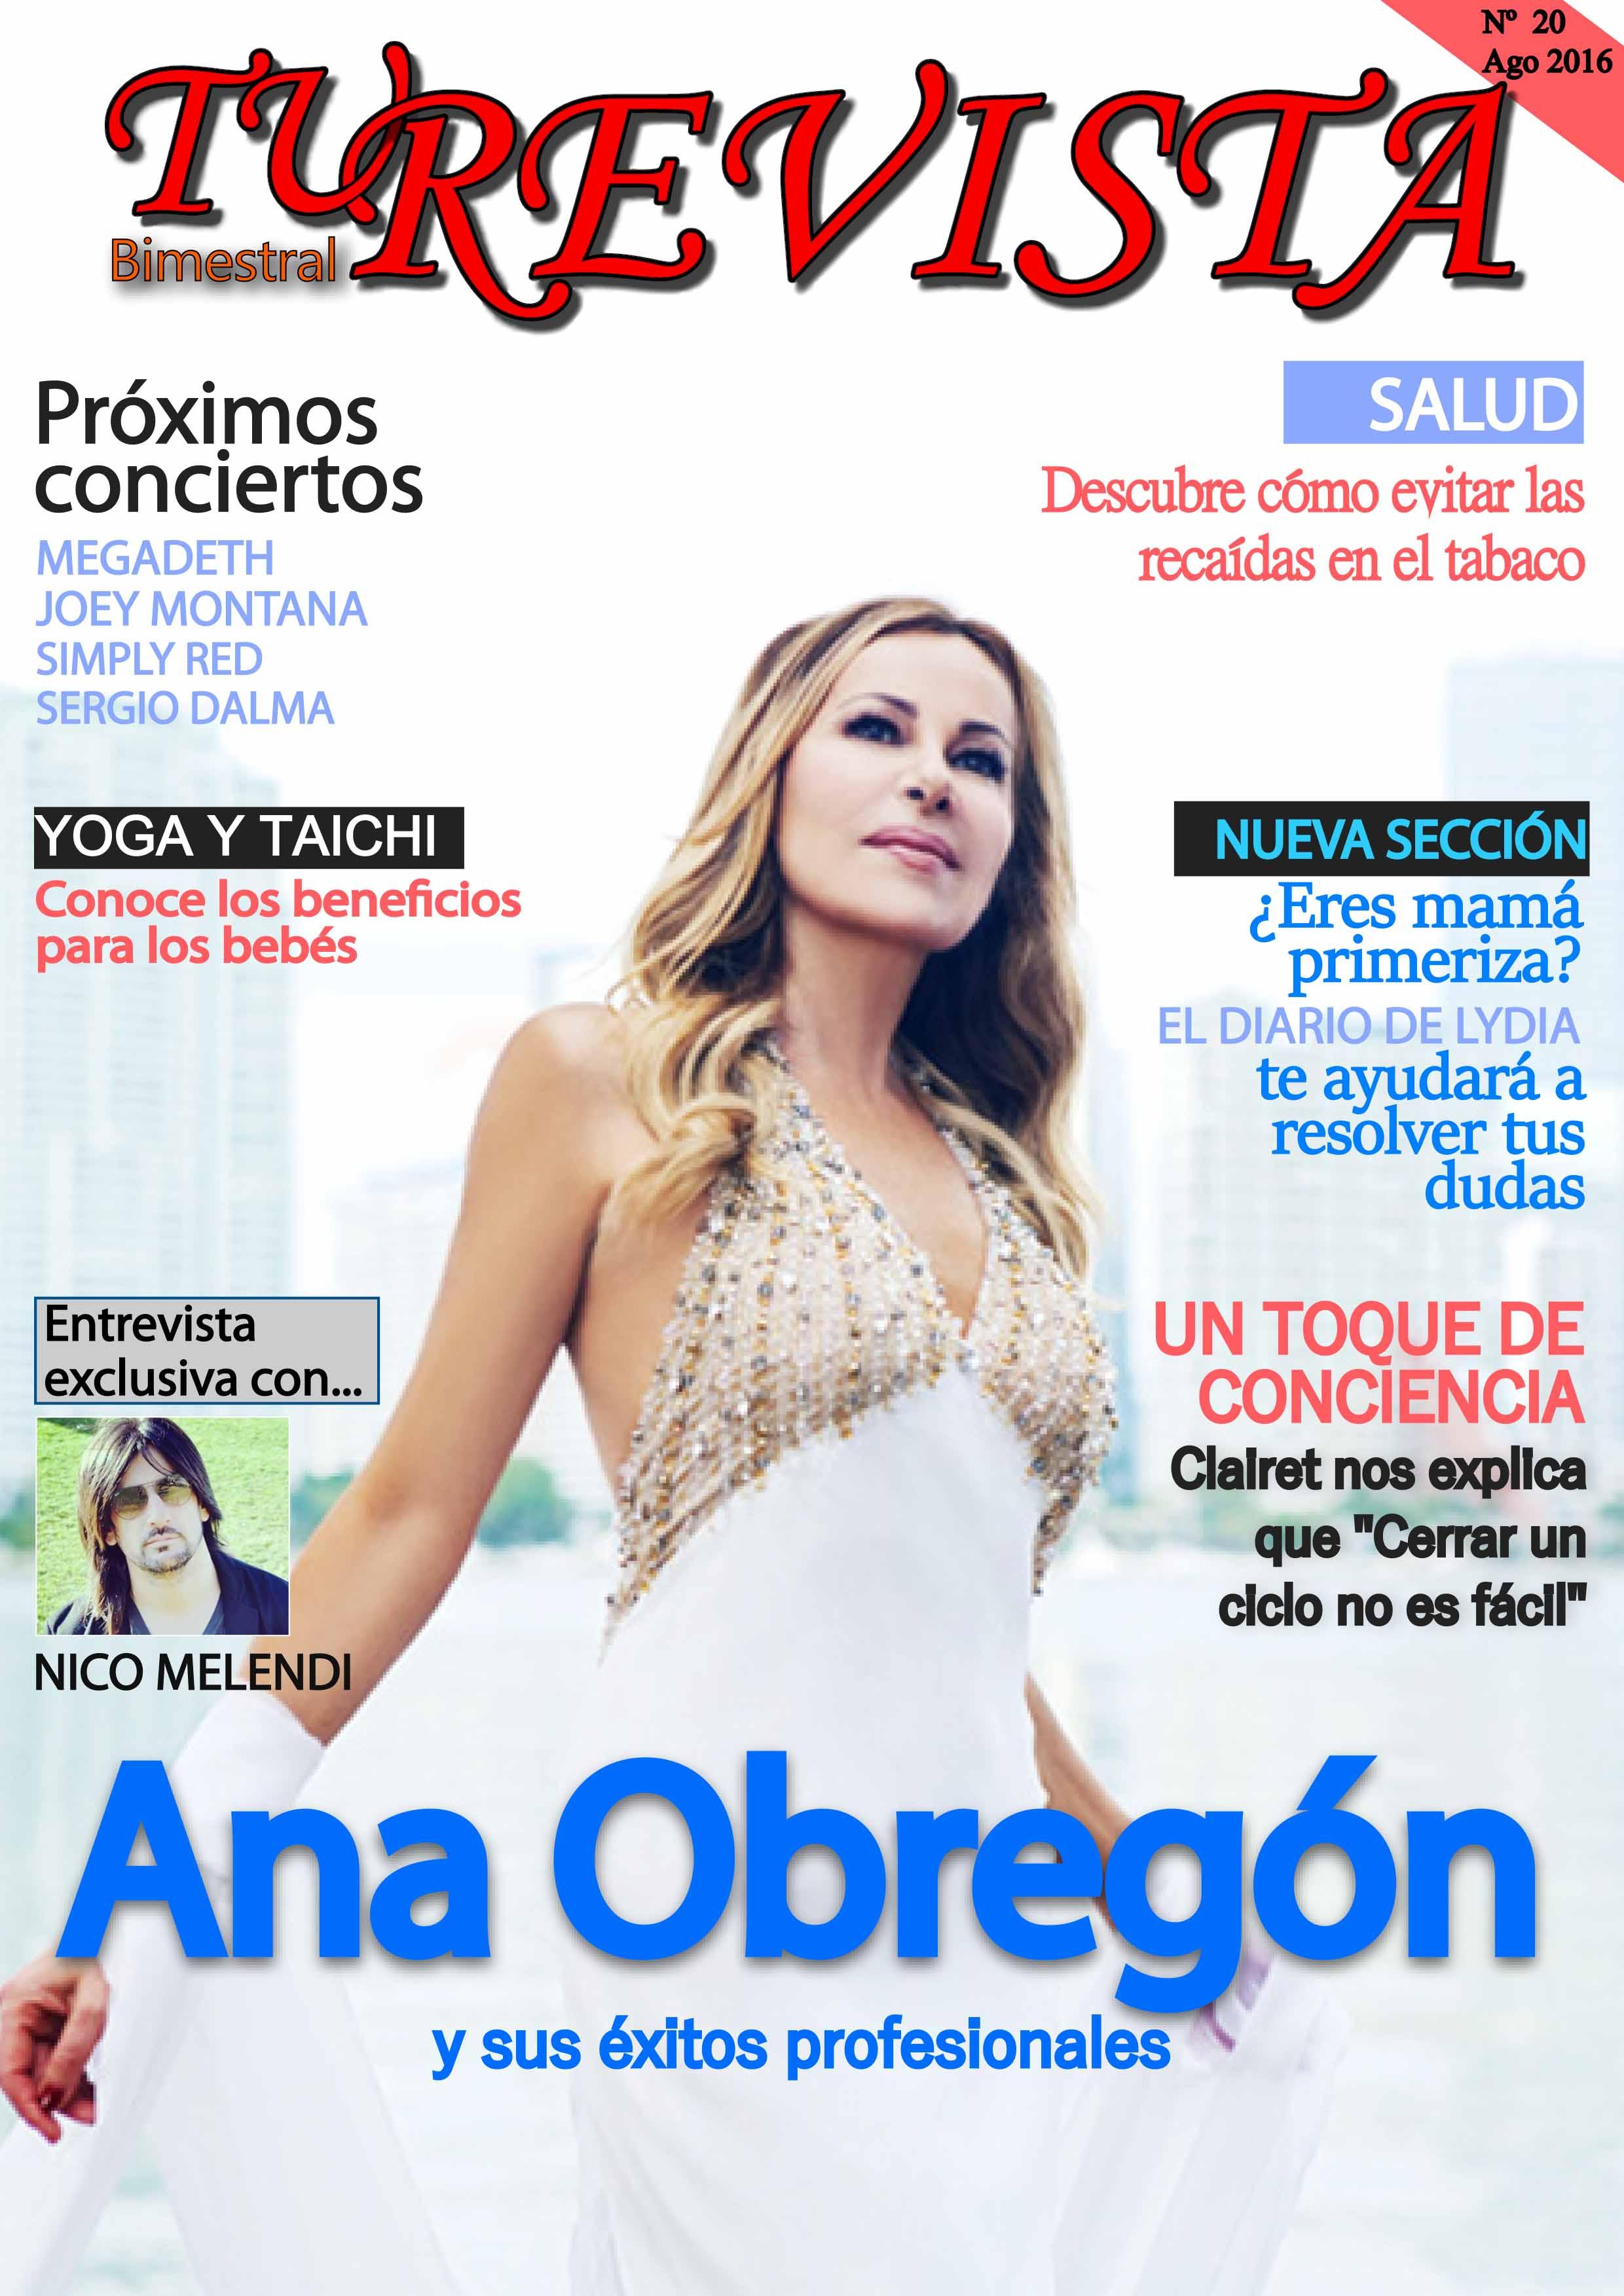 Os hablamos de Ana Obregón y su interesante vida interior, y cómo logró el éxito profesional.